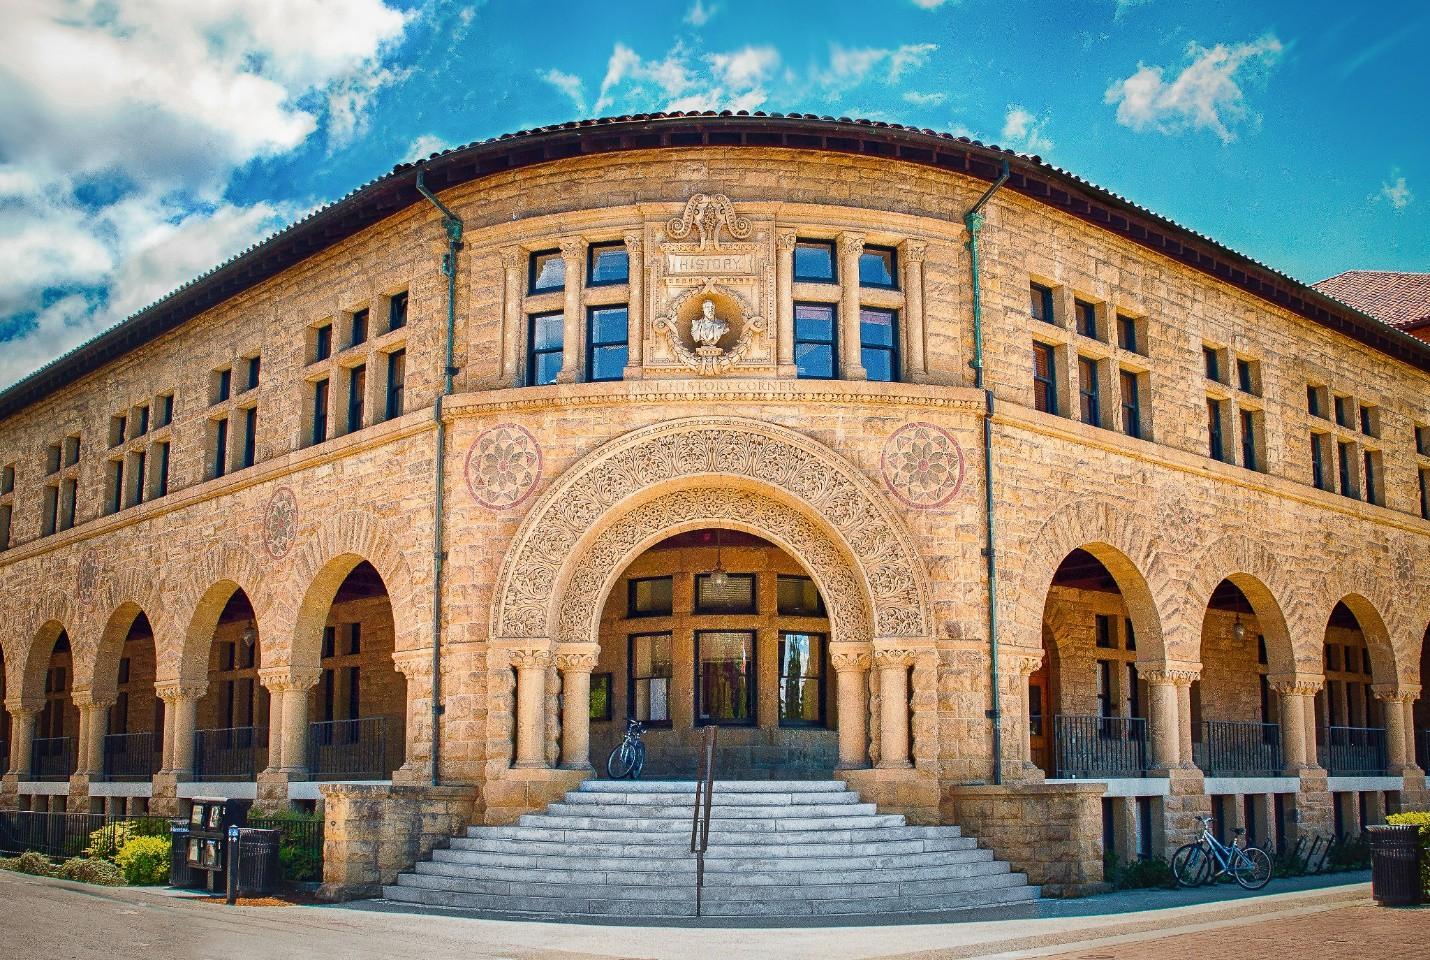 #TôiDuHọcMỹ: Những trường Đại học Mỹ có tỷ lệ đỗ thấp kỷ lục, chỉ nhận 5% trong tổng số hàng triệu hồ sơ đăng ký - Ảnh 7.